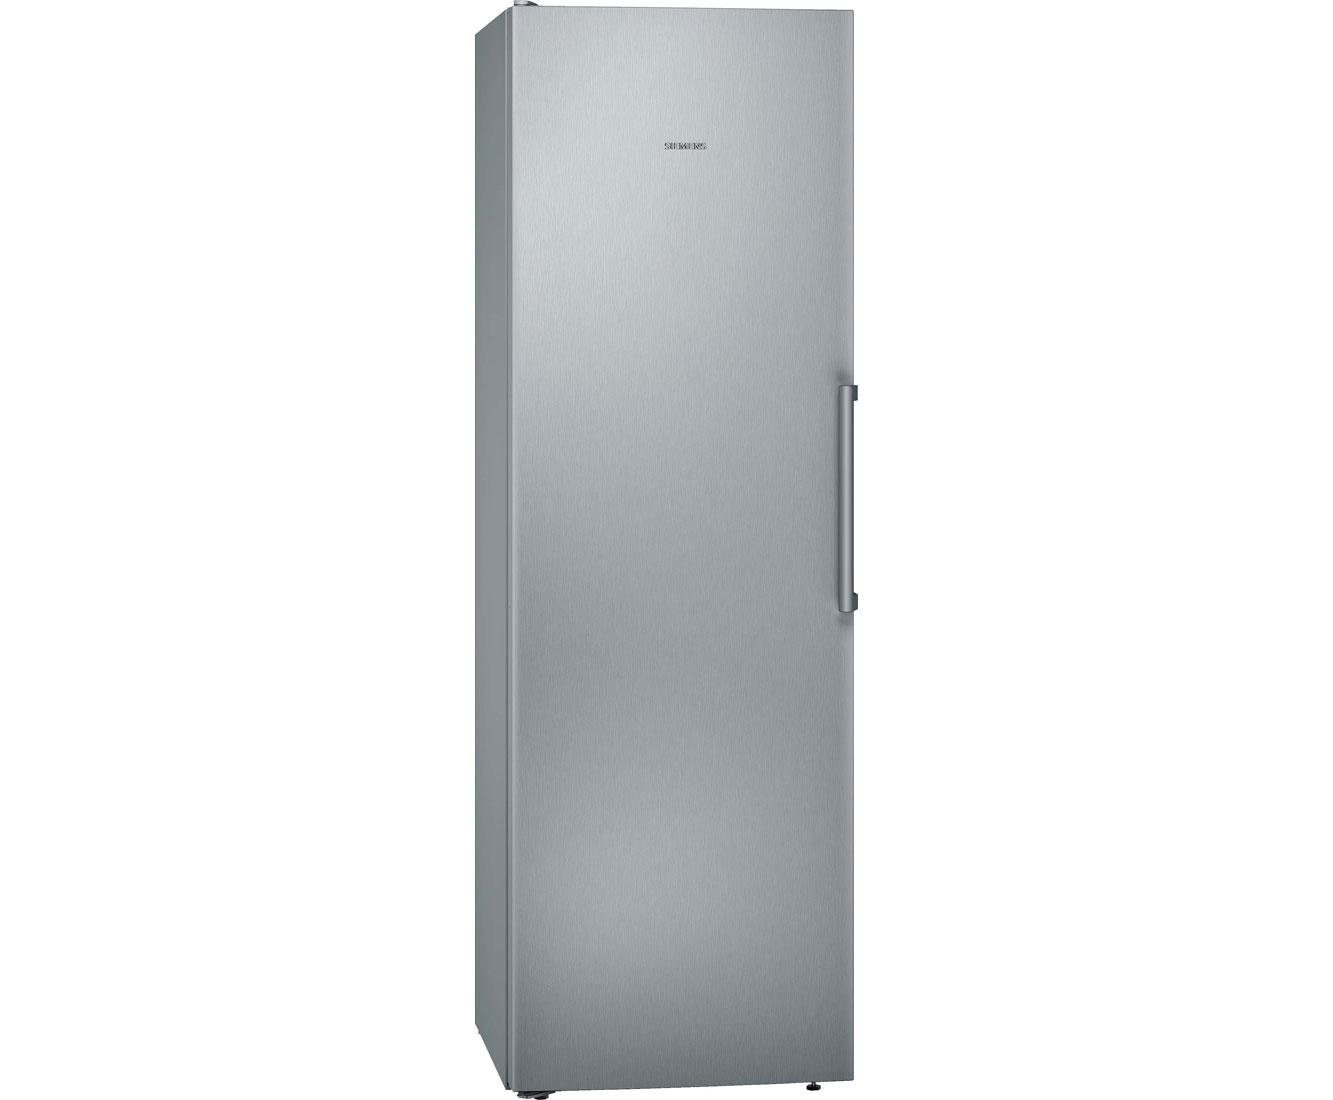 Siemens Kühlschrank Temperatur : Siemens iq ks vvl p kühlschrank edelstahl optik a